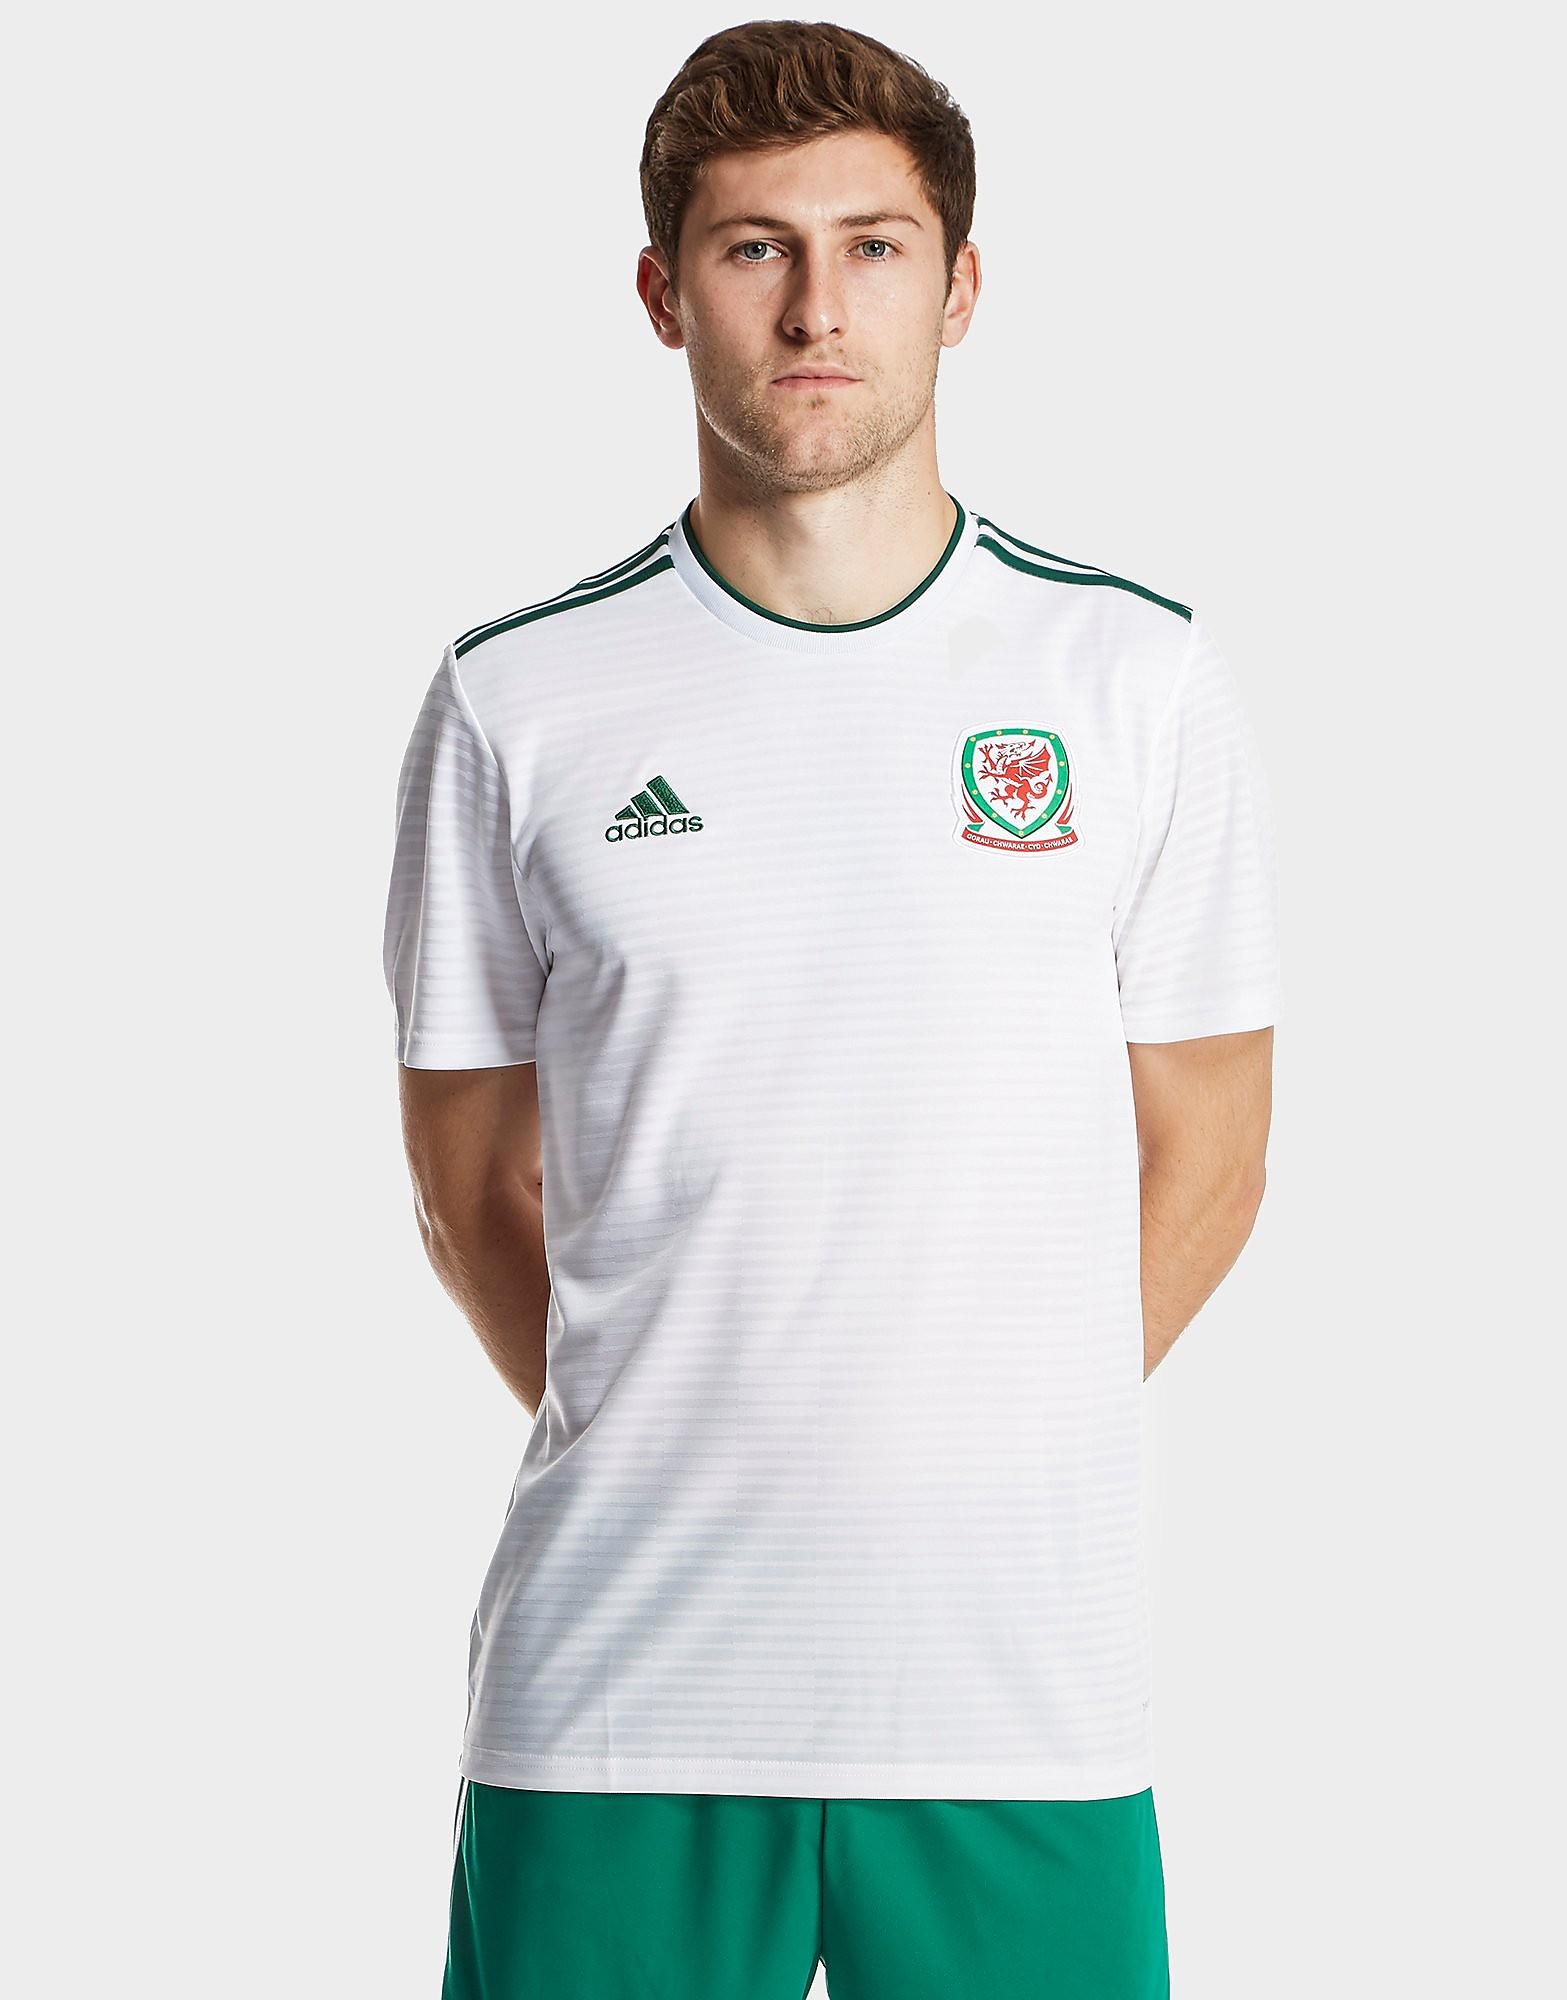 adidas camiseta Gales 2018/19 2.ª equipación